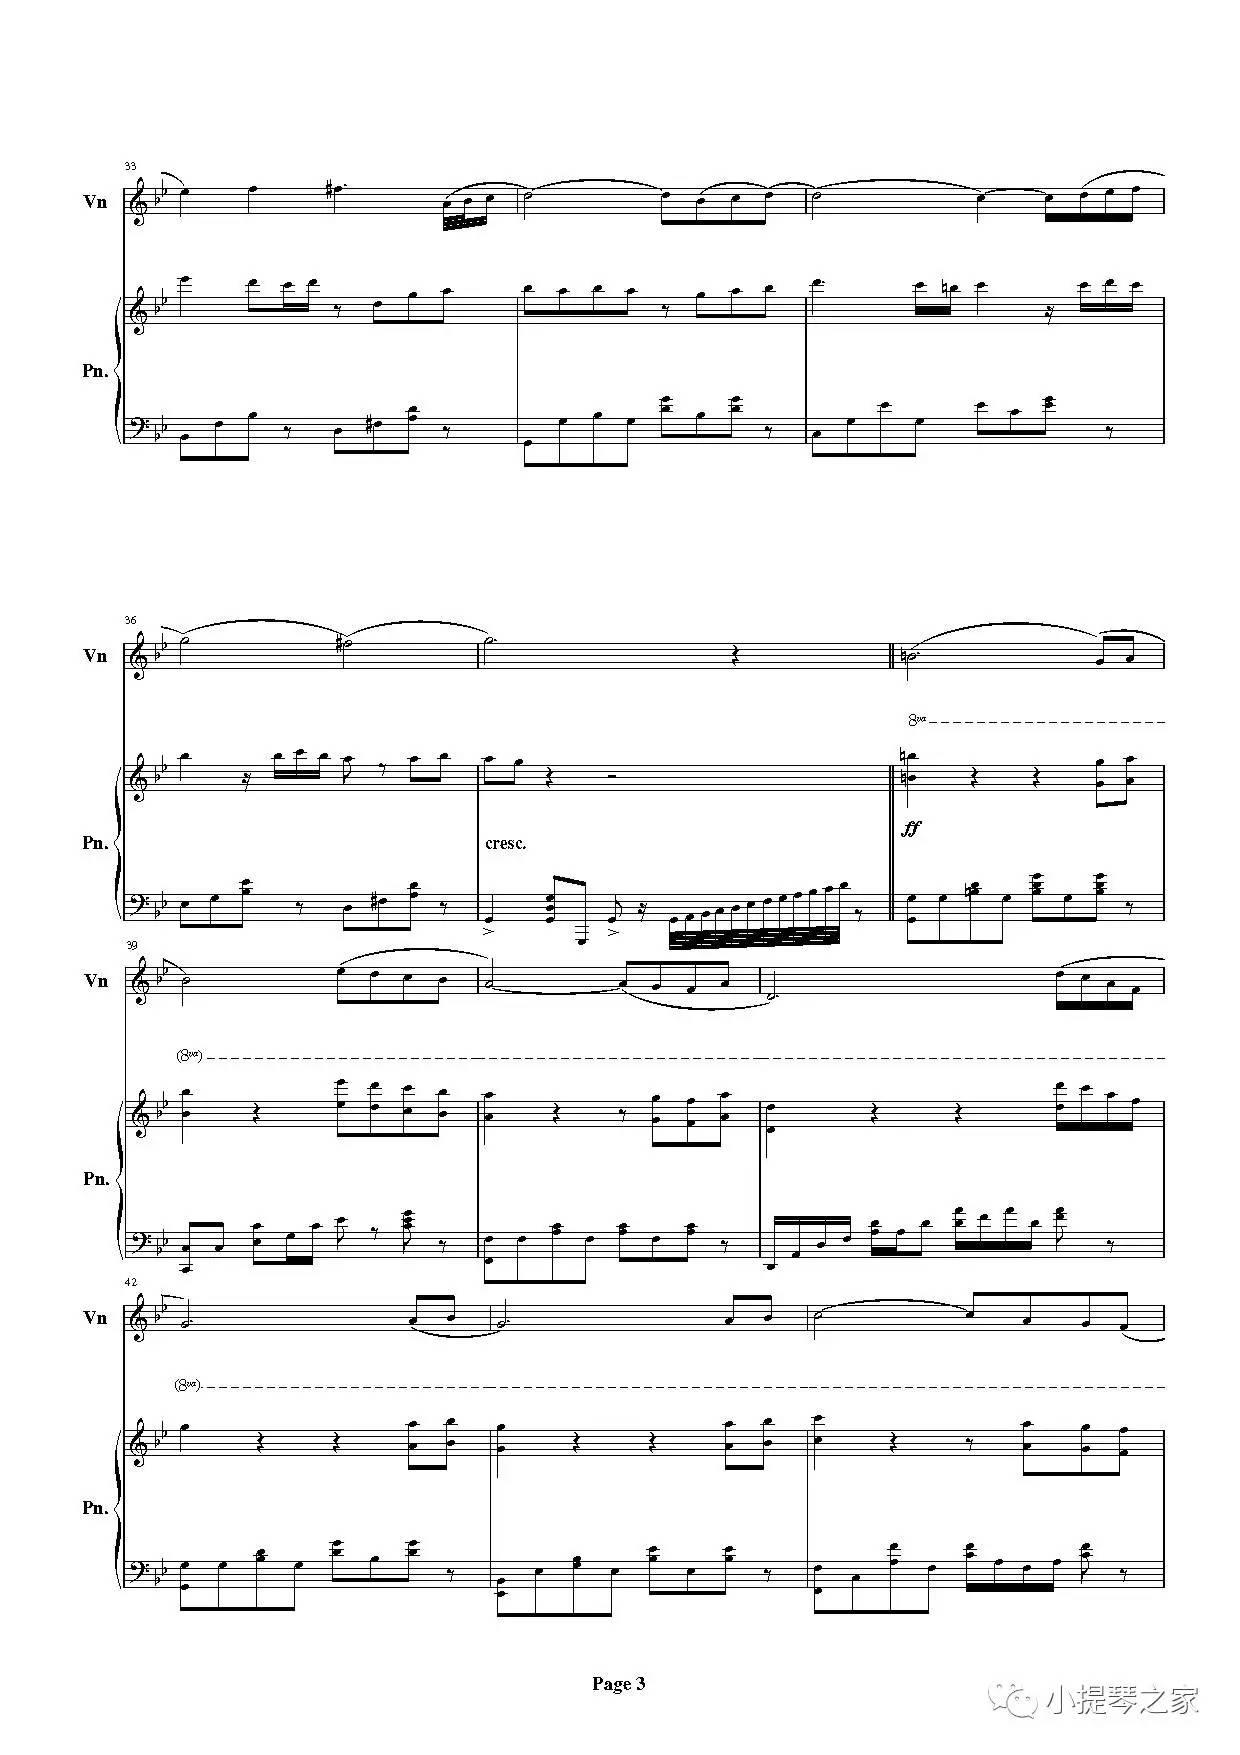 月半小夜曲 附小提琴谱,钢琴伴奏谱 原唱李克勤,河合奈保子曲